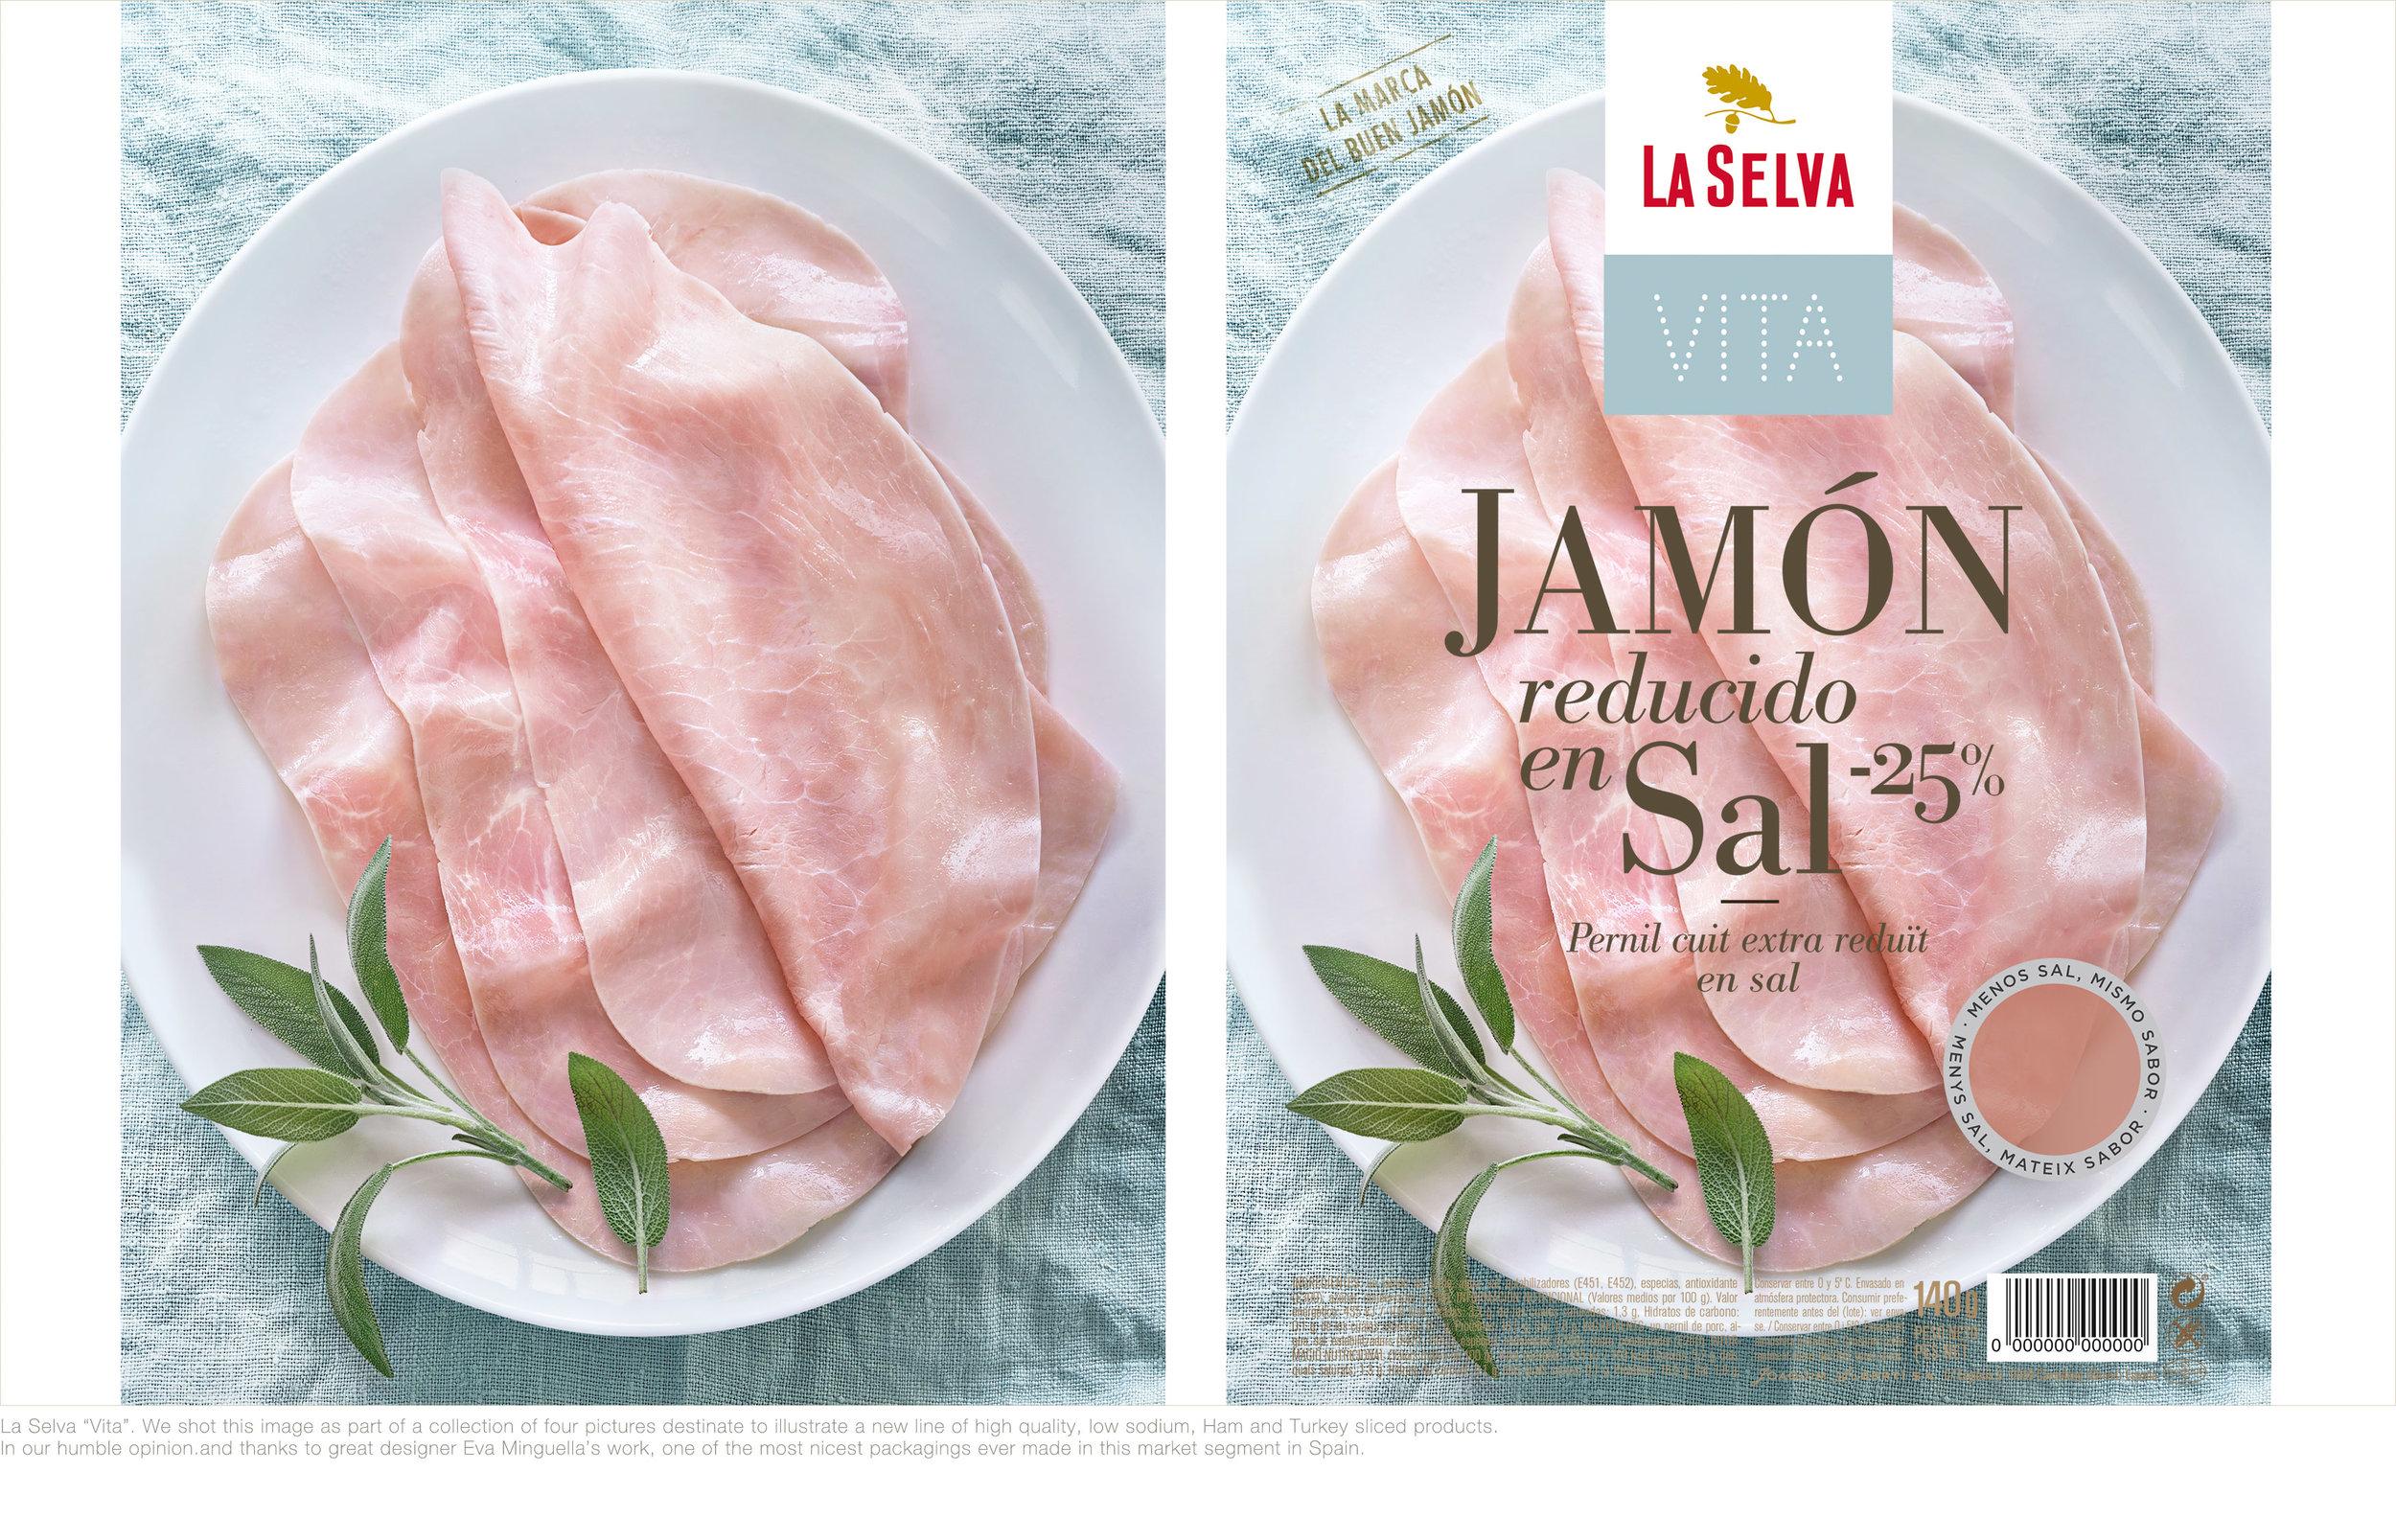 1625c-LaSelva-Vita-Pack-Jamon-v01.jpg